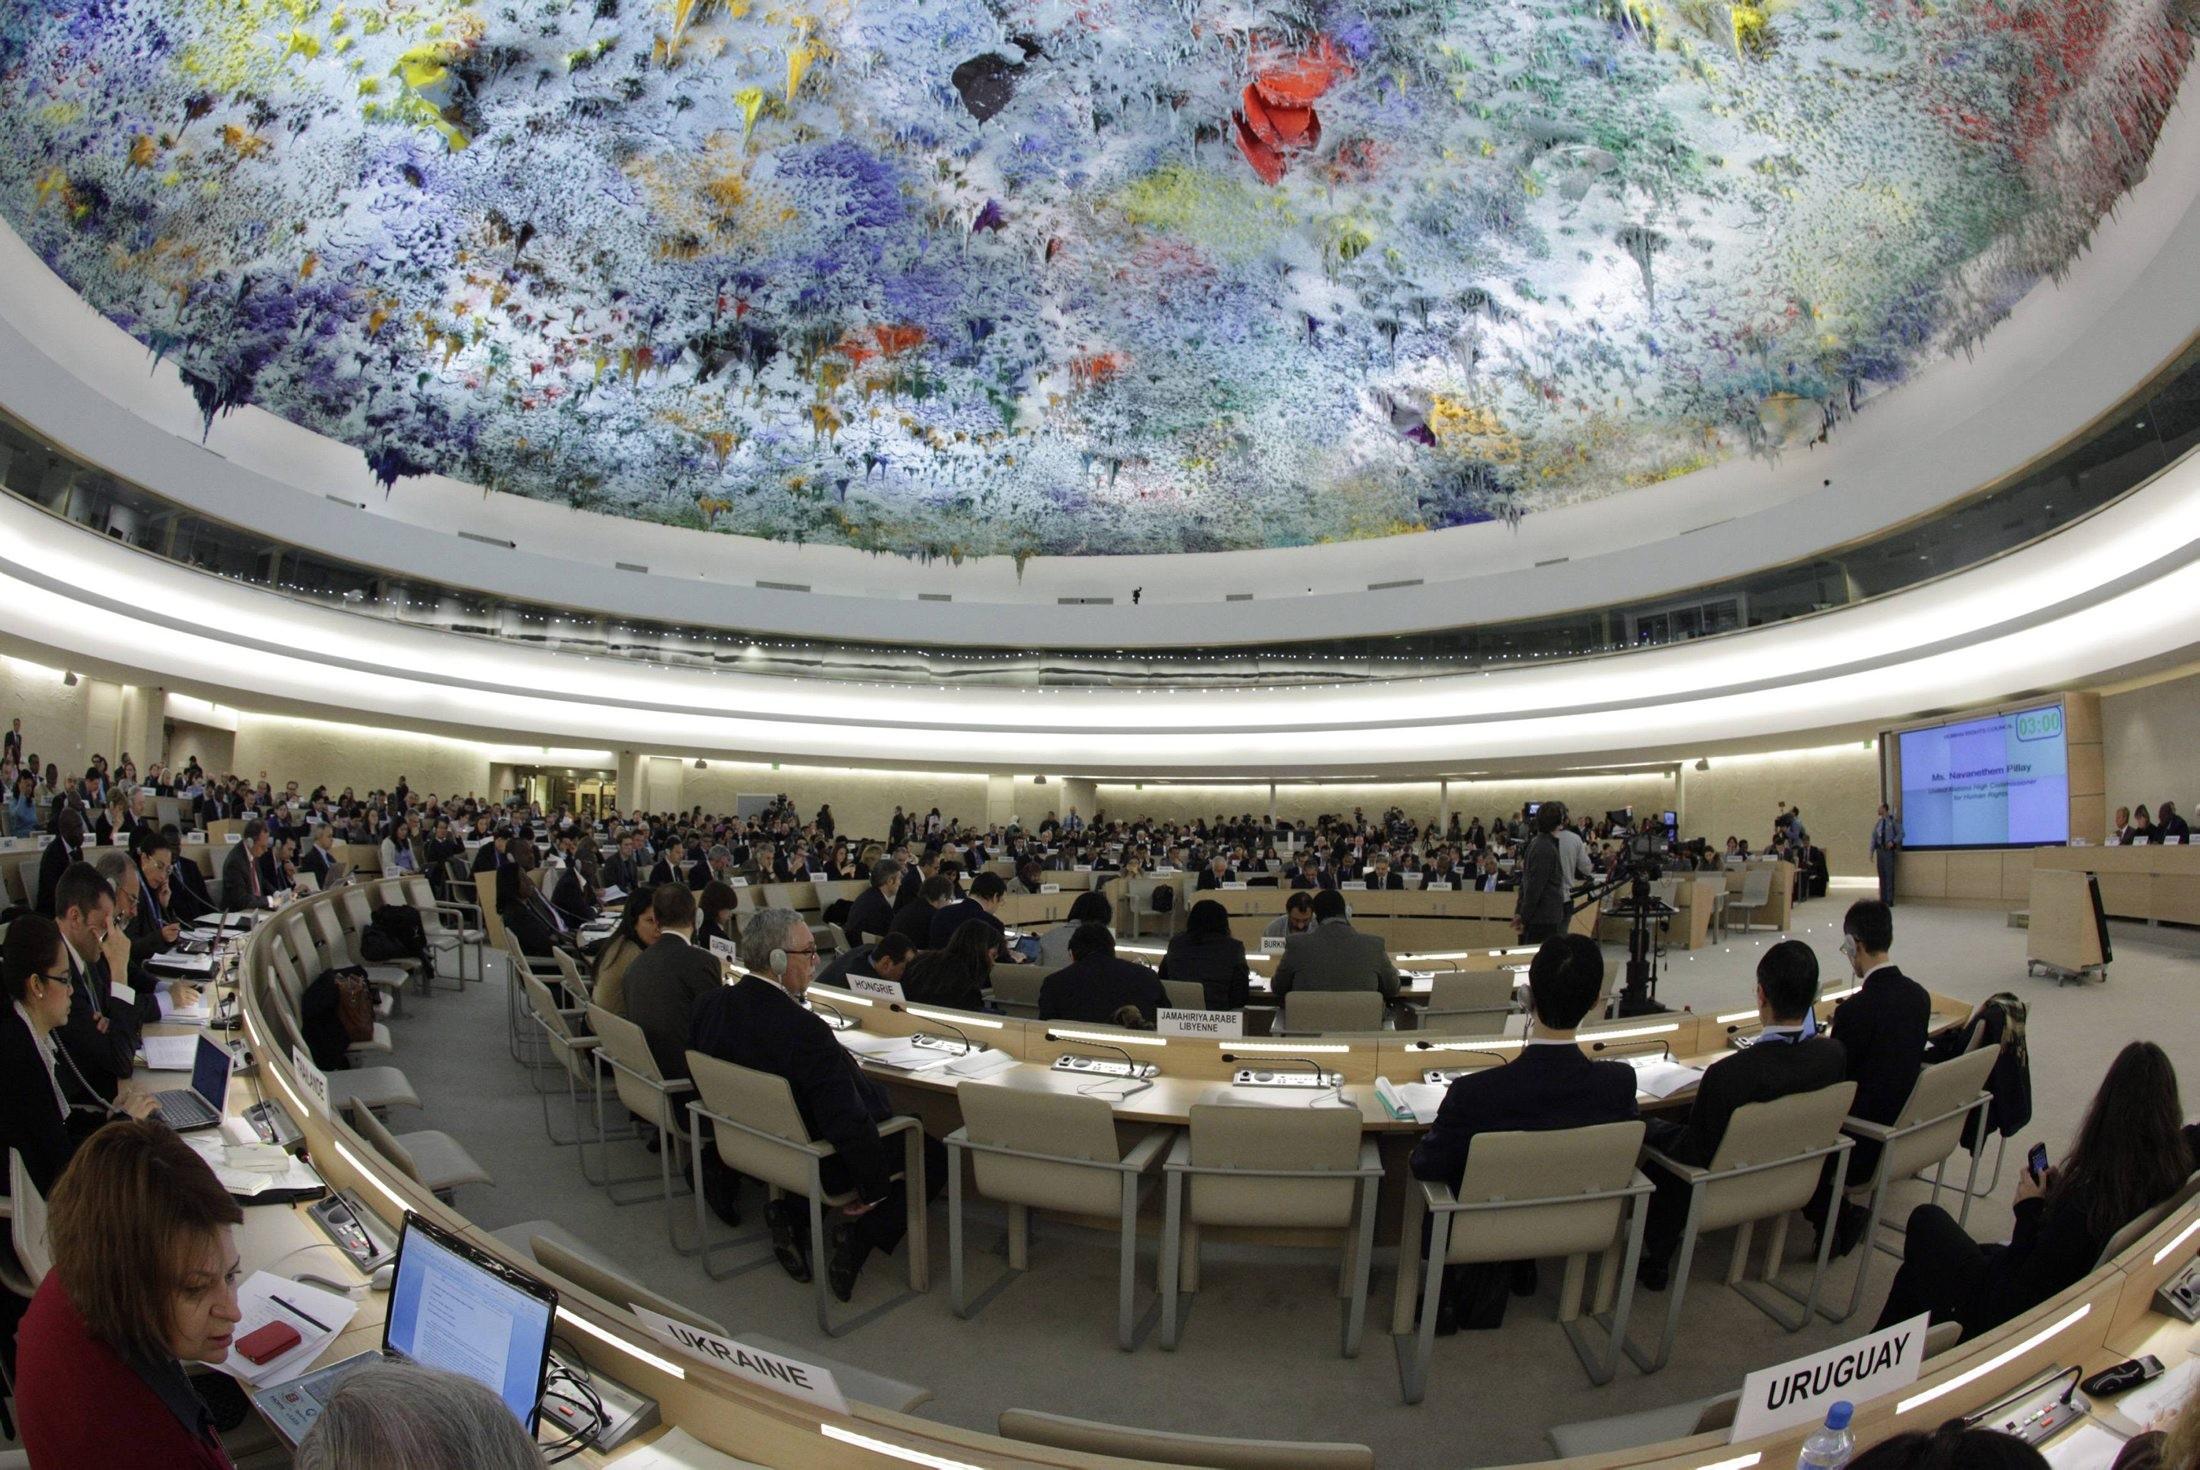 ВКомиссию интернационального права ООН избран уполномоченный Российской Федерации